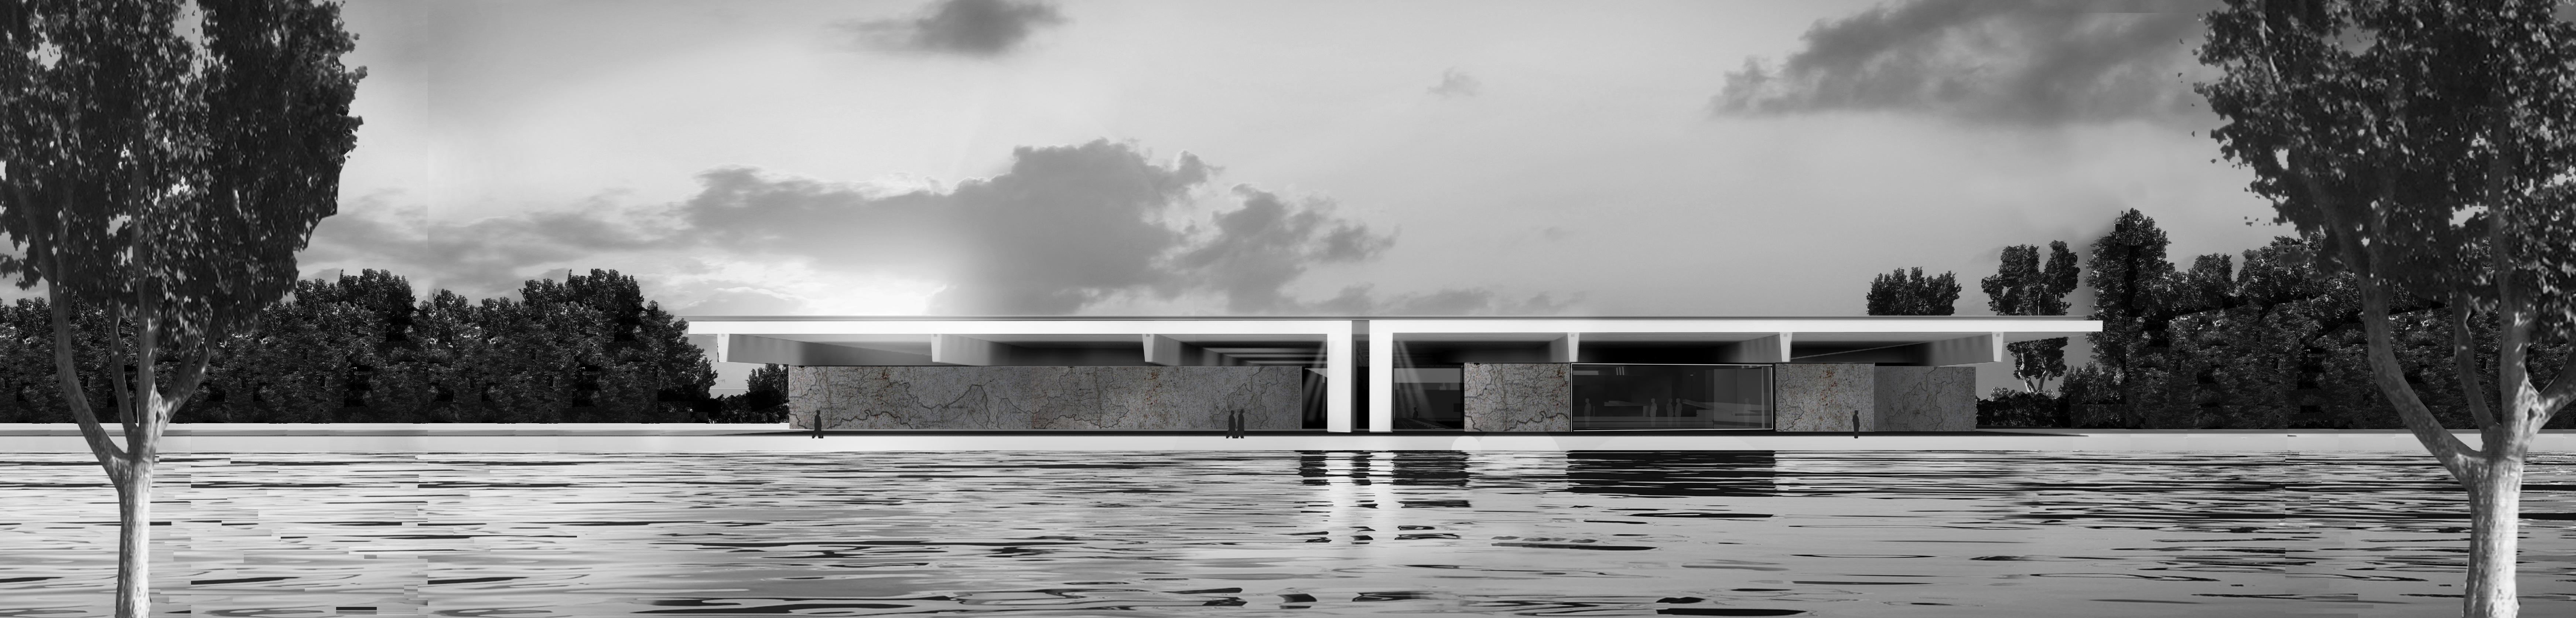 Musée de la Romanitée Narbonne / Foster + Partners, © Foster + Partners